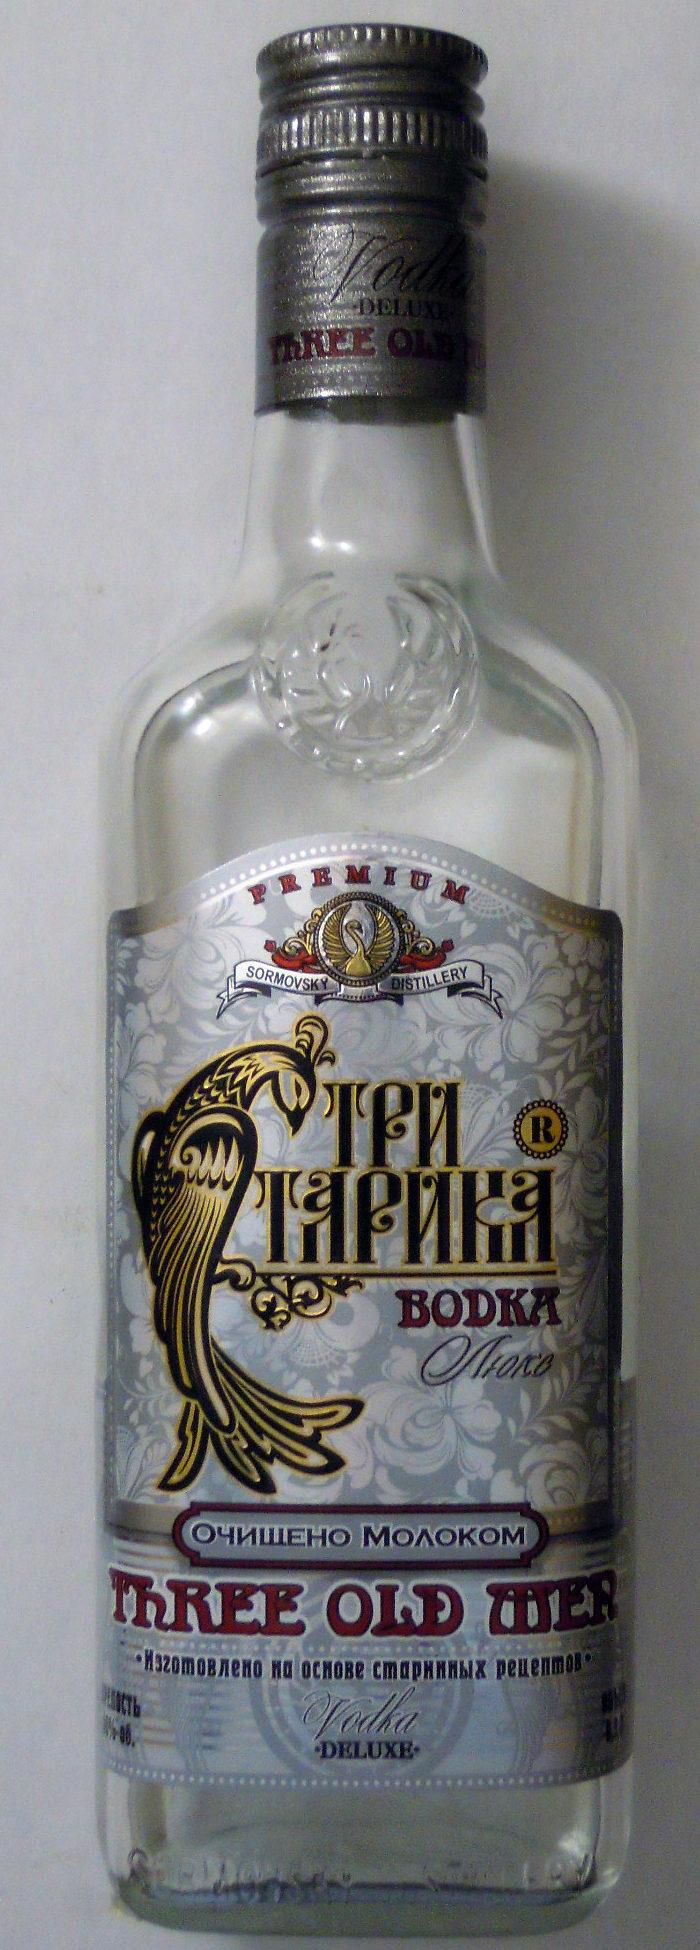 Водка «Три старика» Люкс - Product - ru